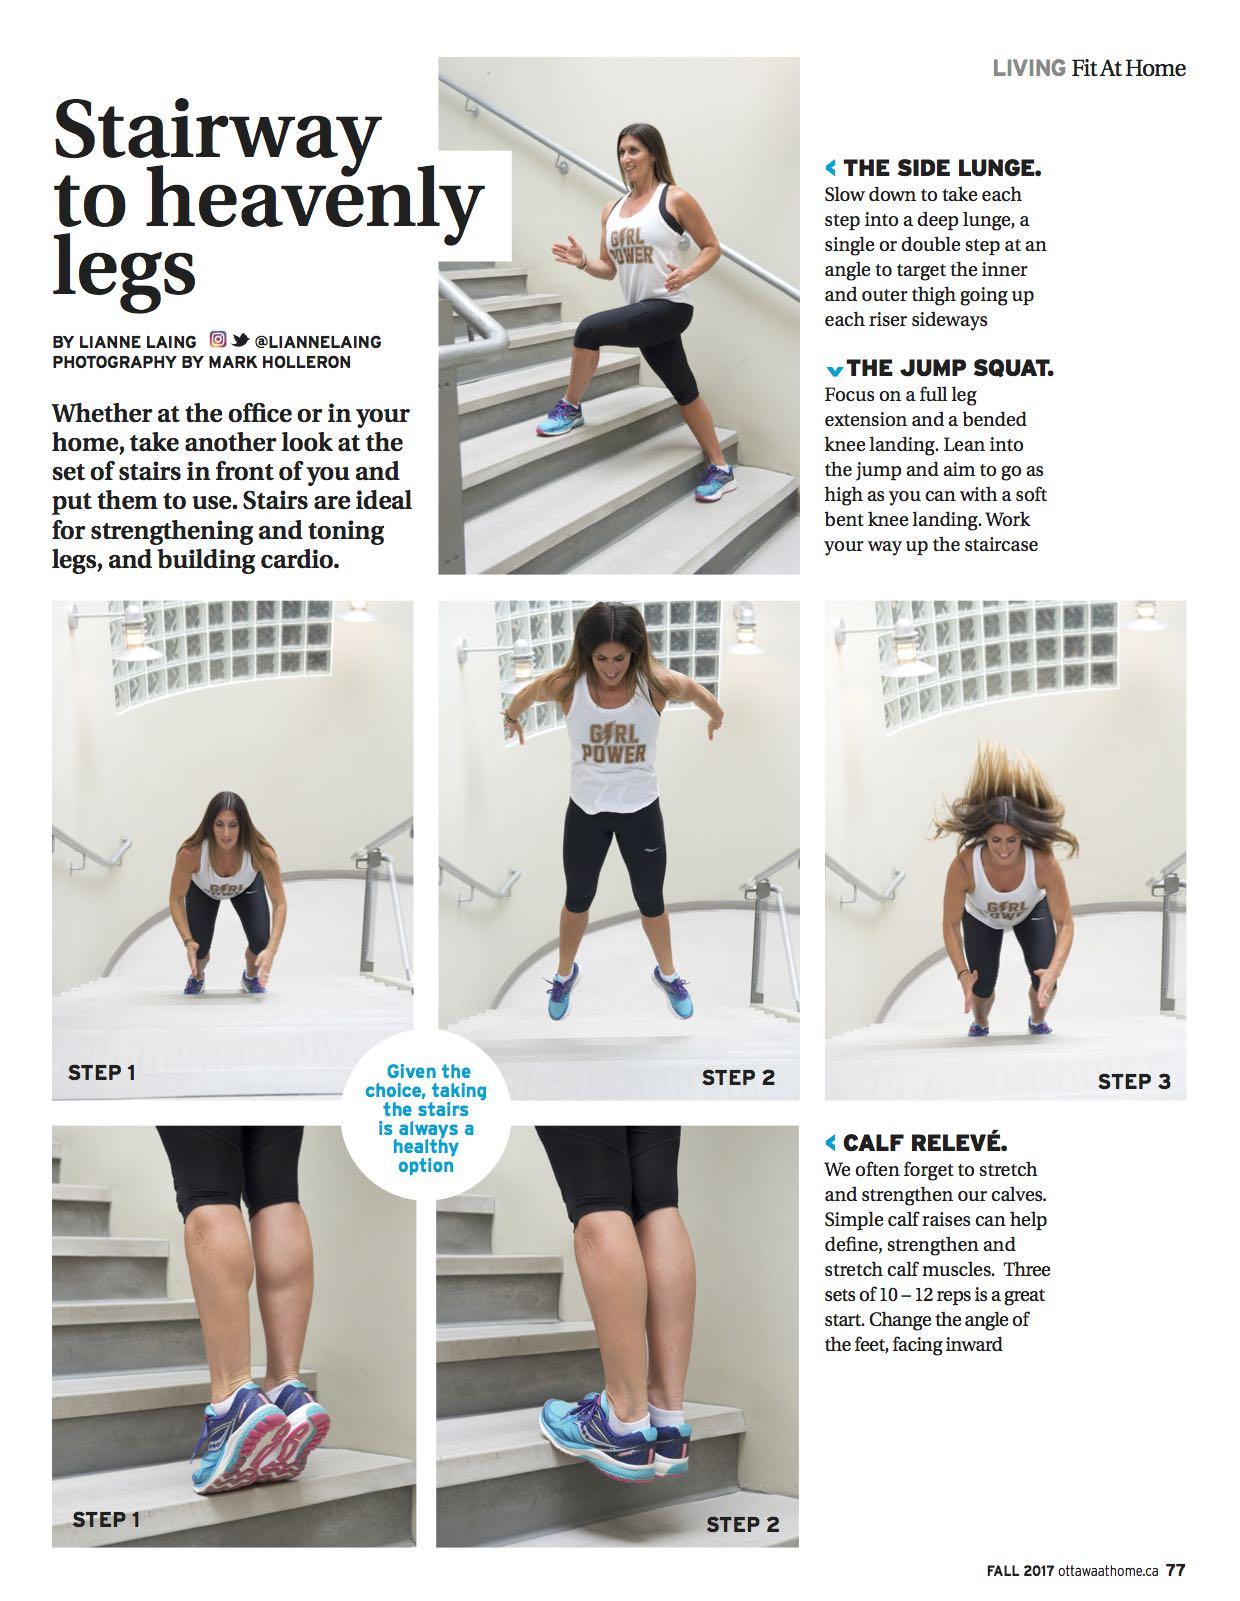 Stairway to heavenly legs